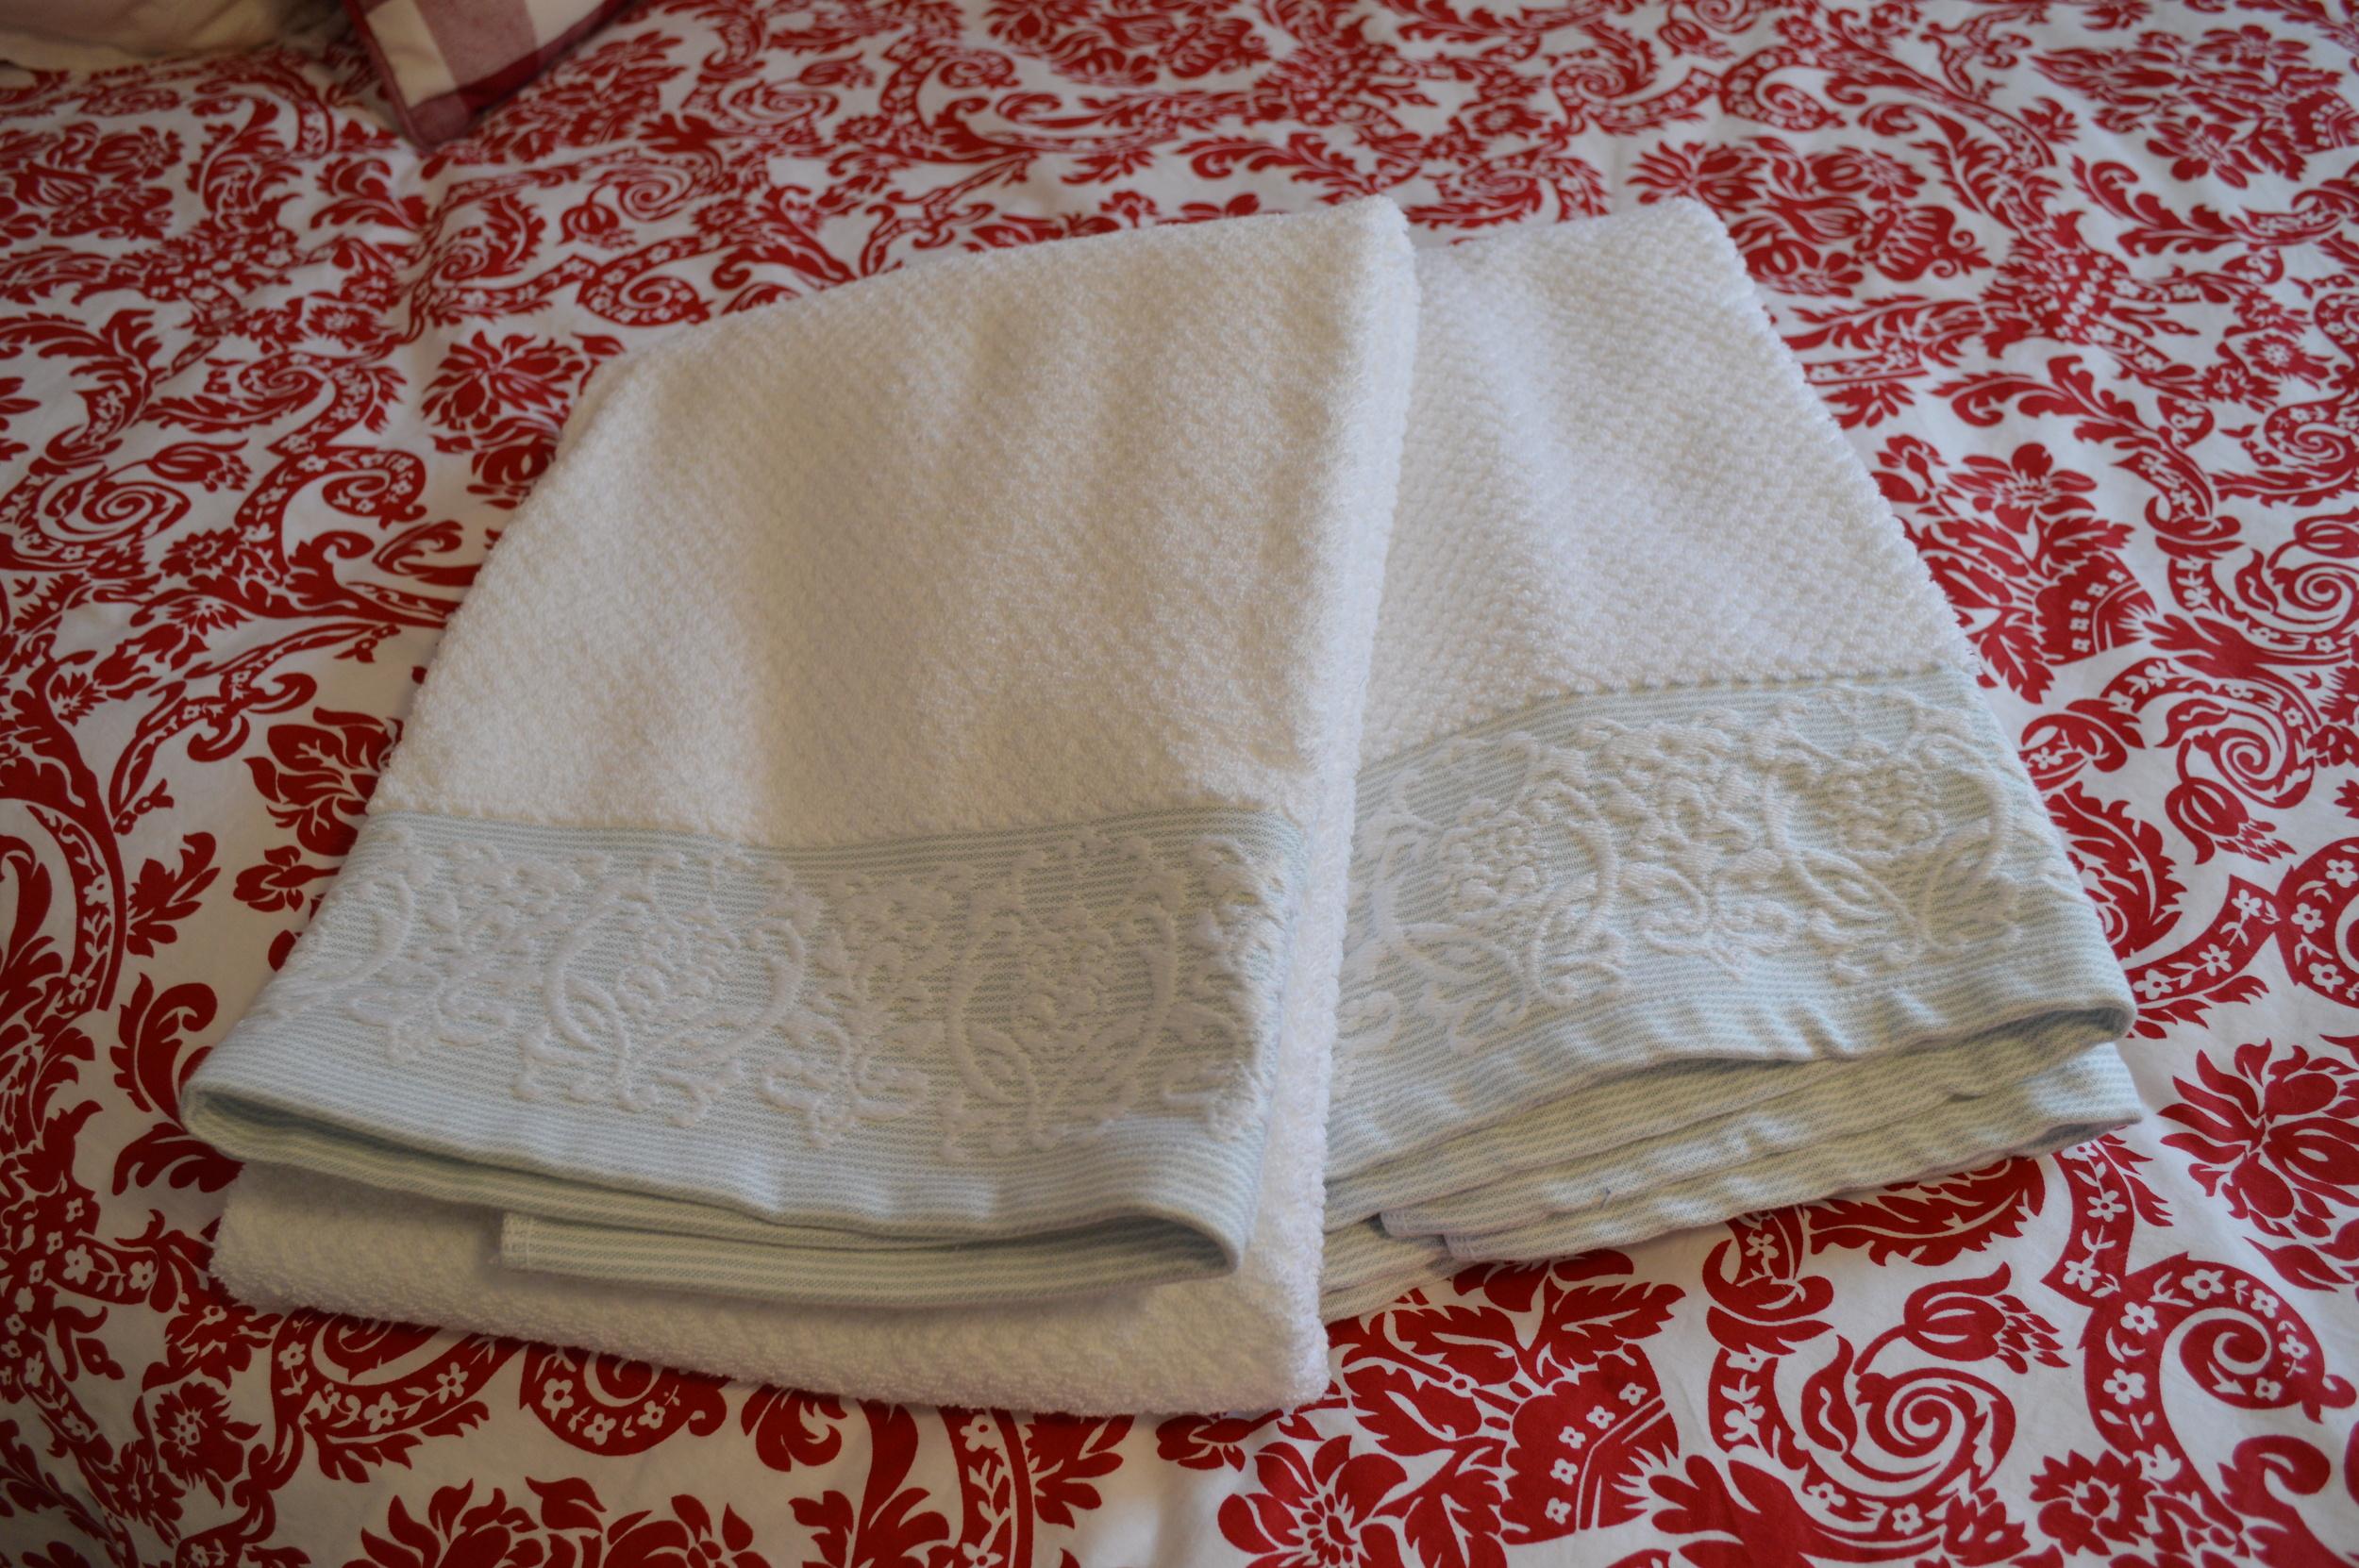 Clean, fresh towels...